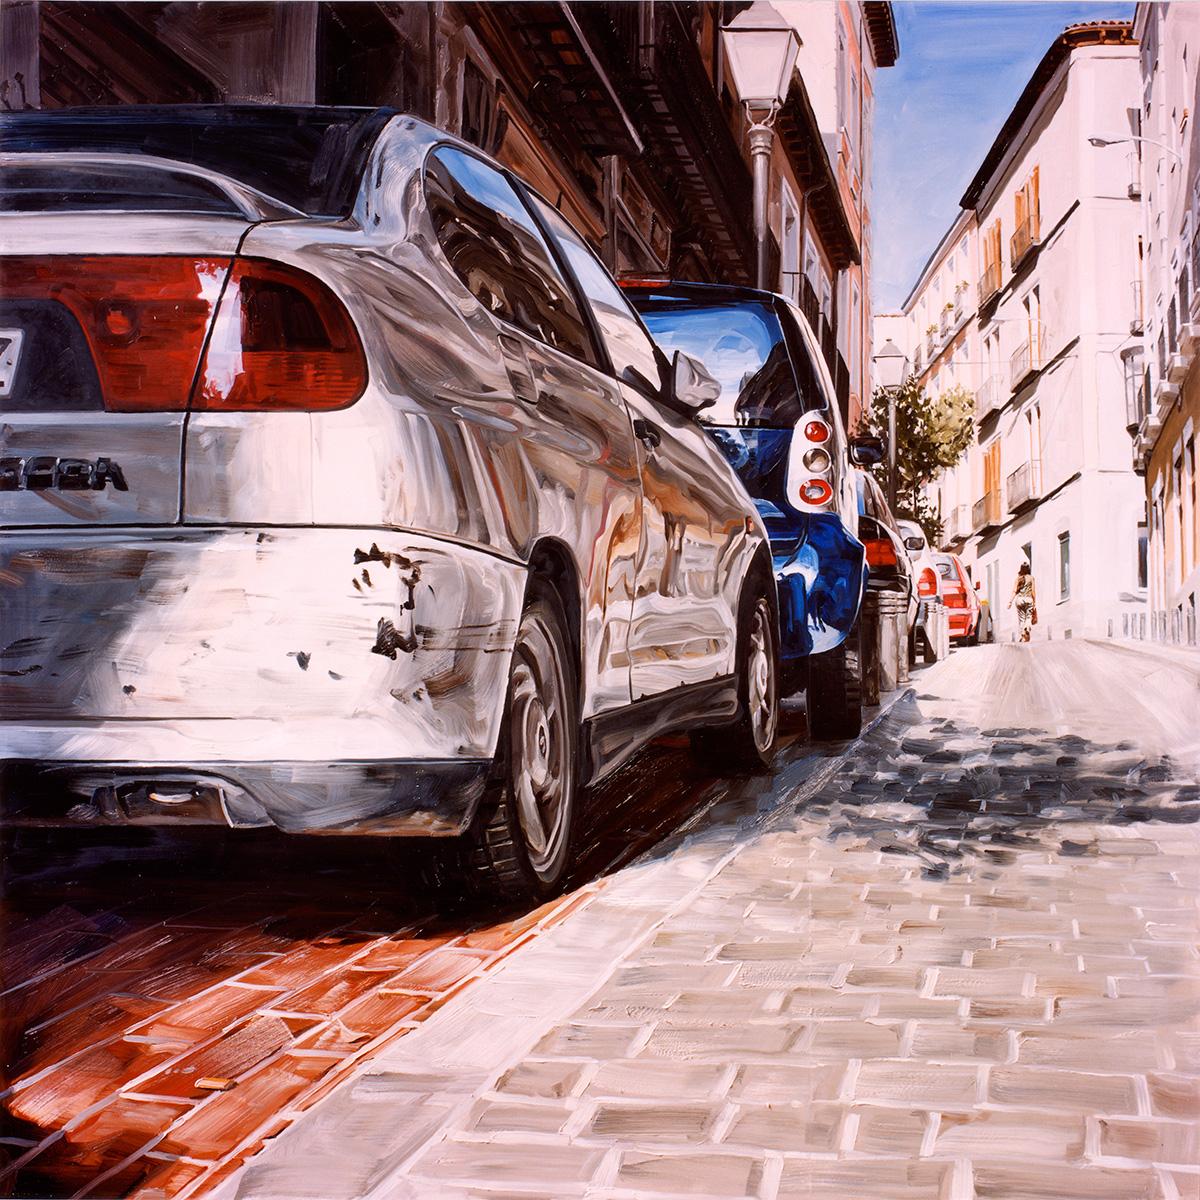 parked-cars-buildings-sidewalk-woman.jpg